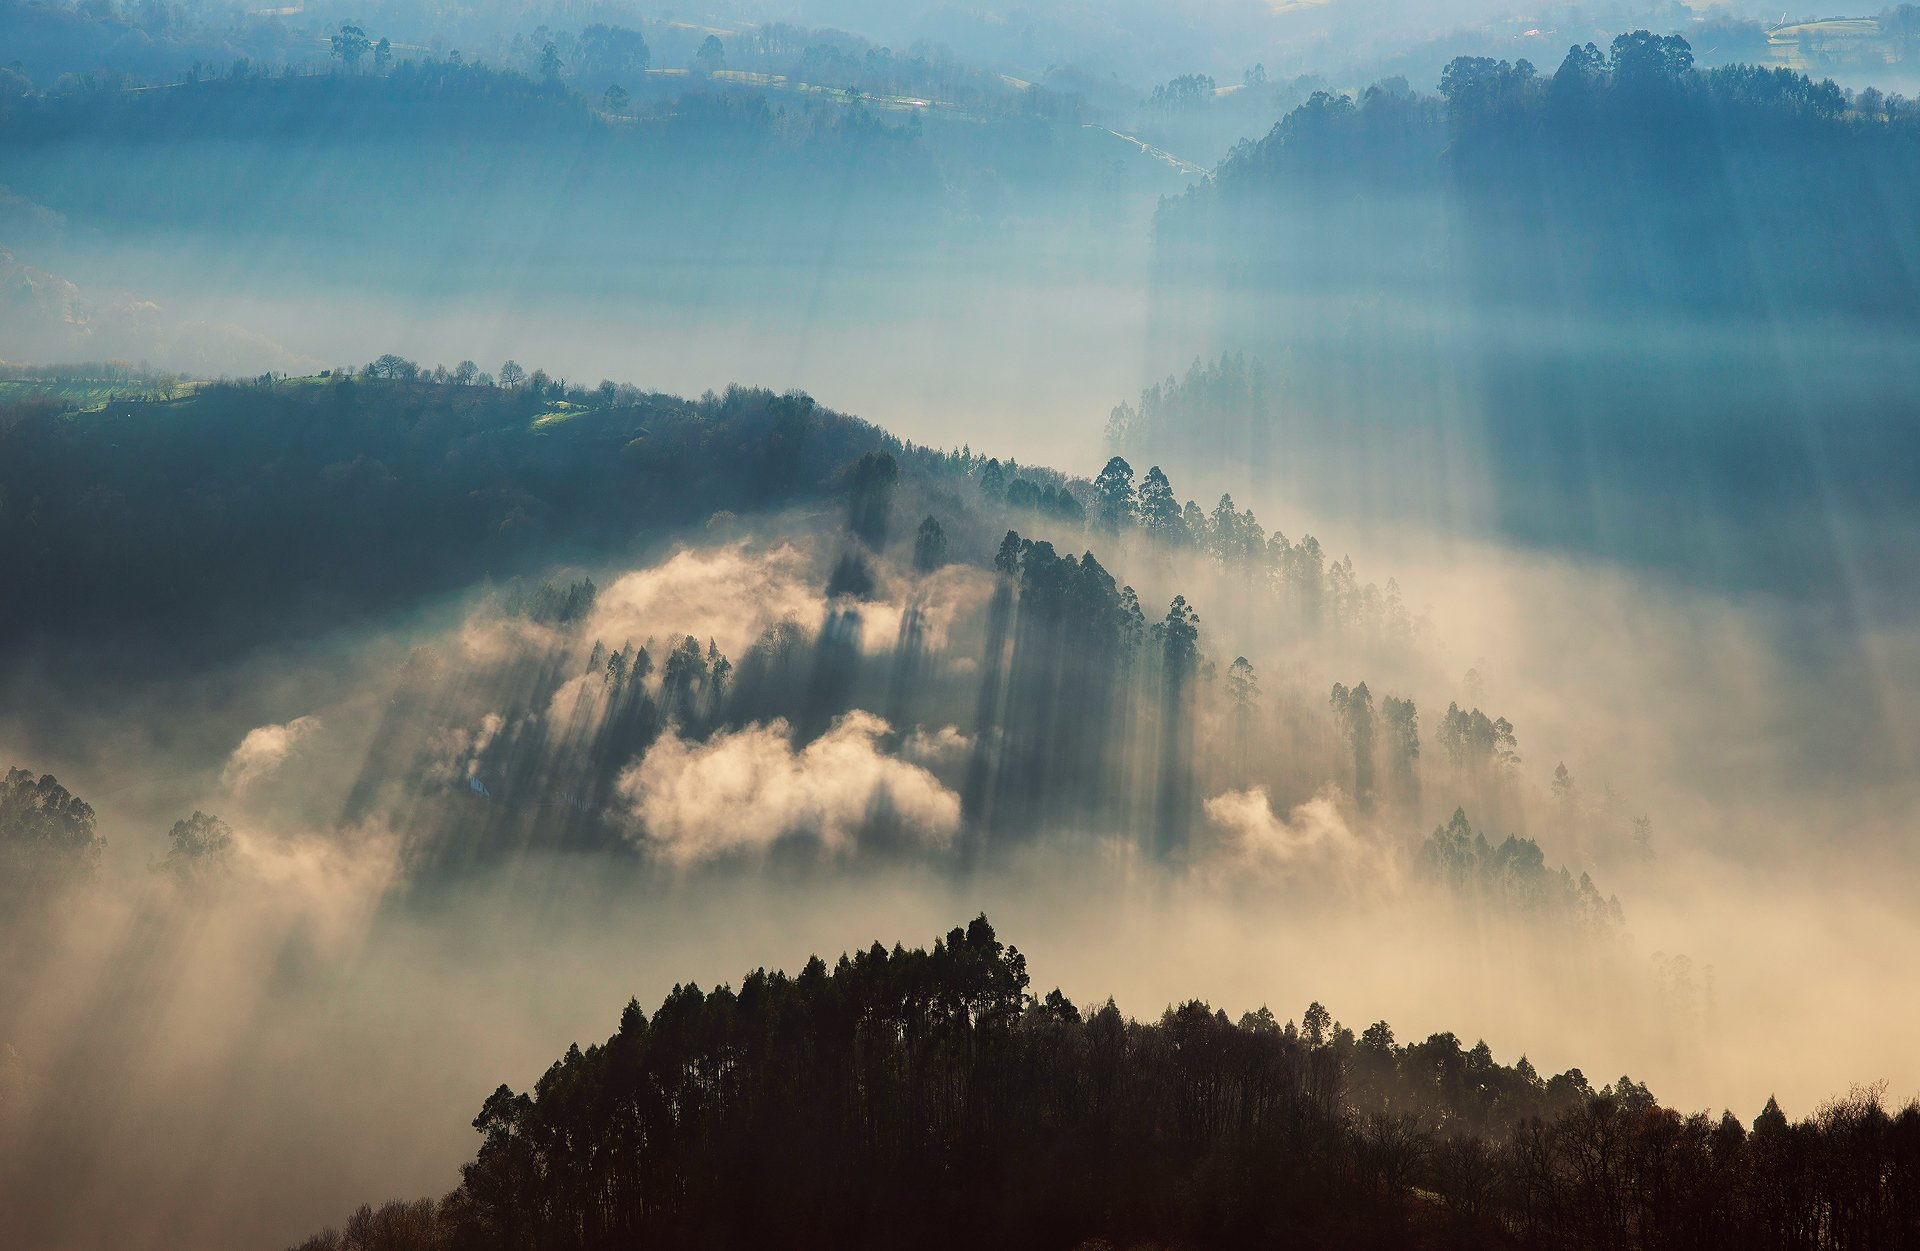 вулкан горы облака туман  № 755051 бесплатно